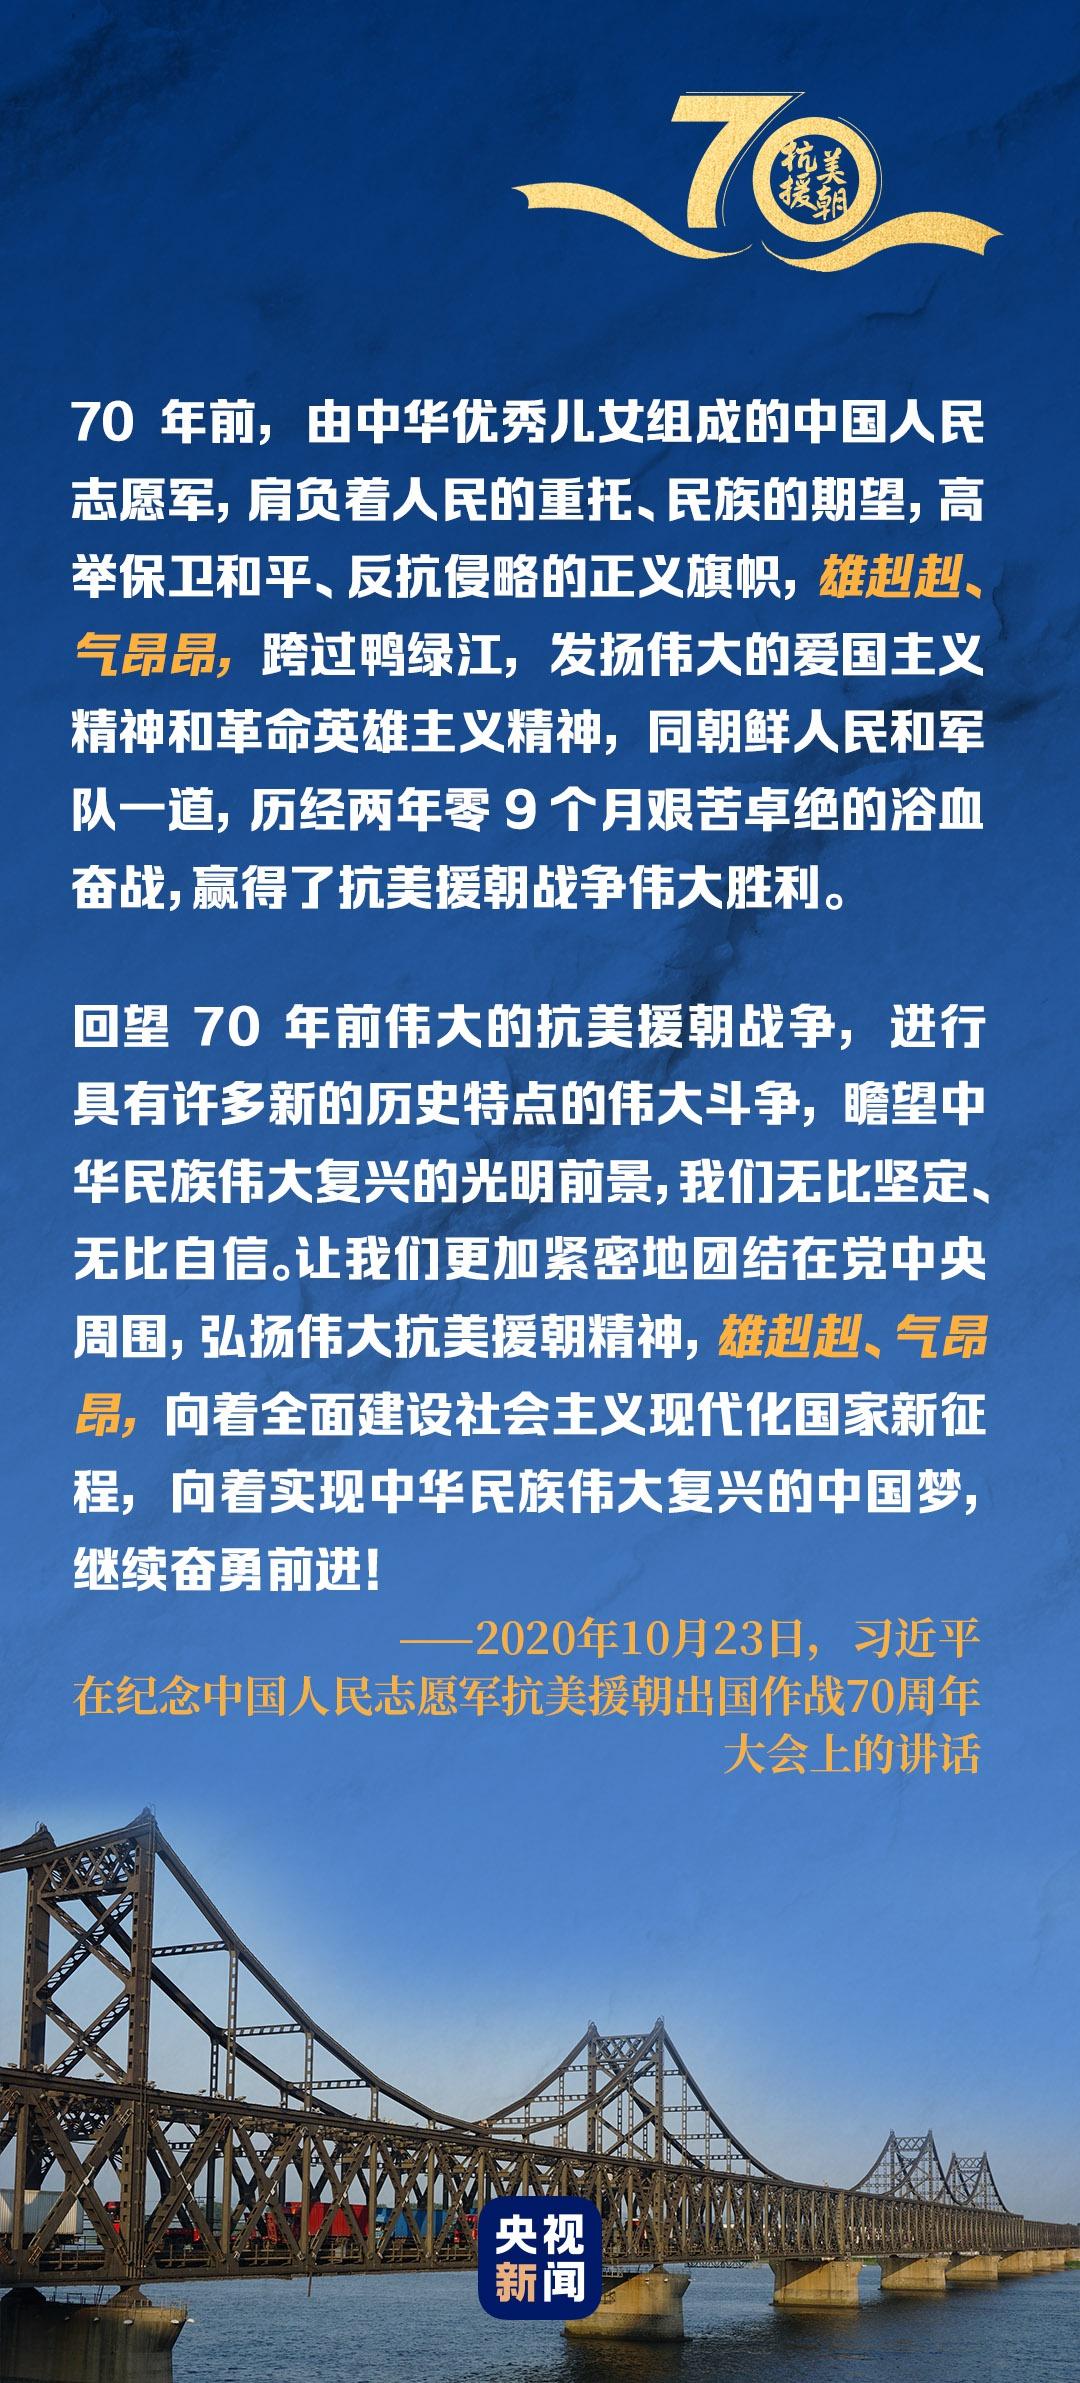 雄赳赳、气昂昂,读懂这篇重要讲话蕴含的中国力量图片